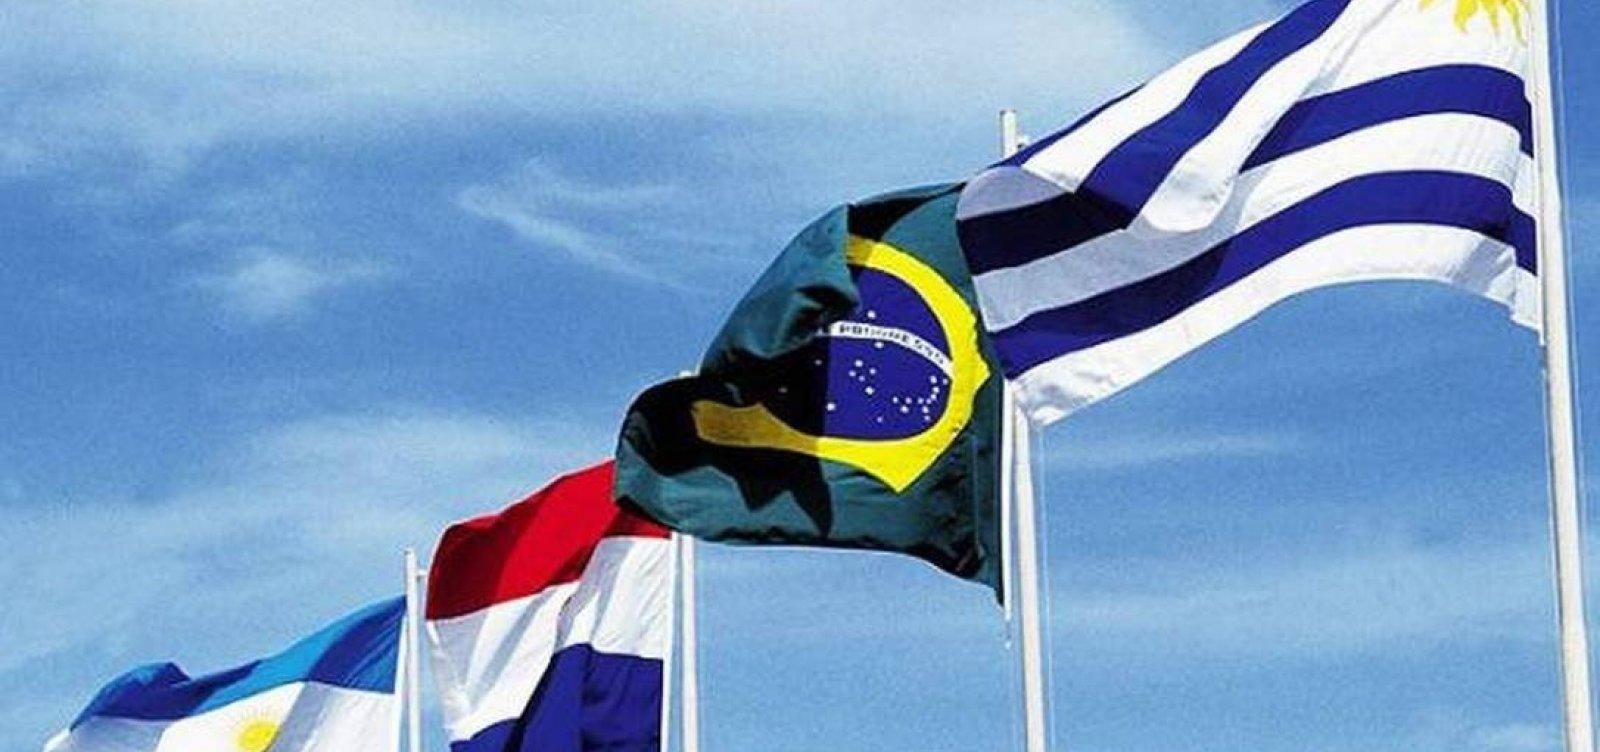 [Acordo Mercosul-Efta prevê compromissos com meio ambiente, trabalho decente e combate à corrupção]